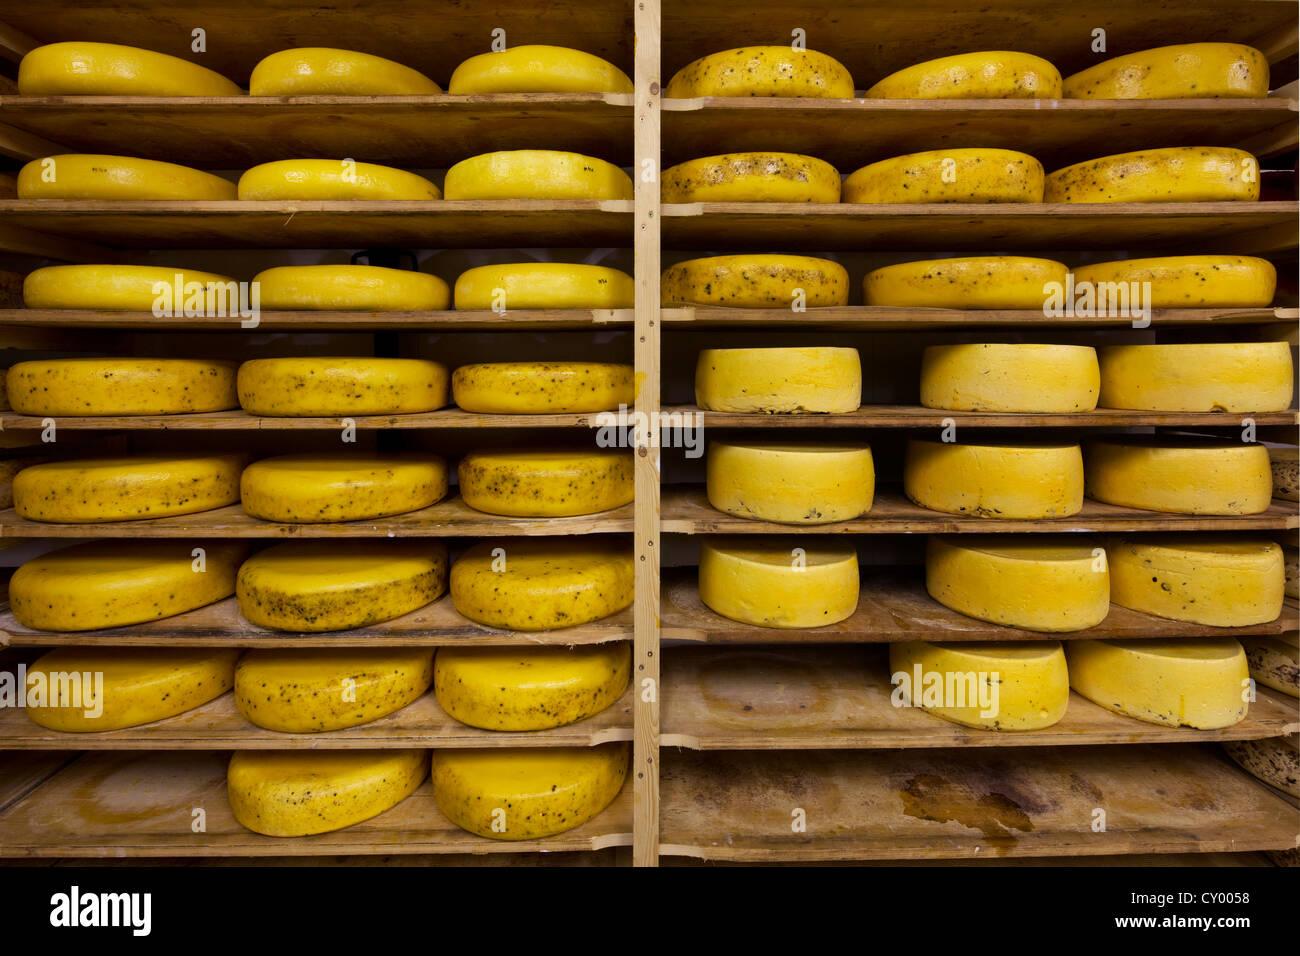 Artisan régionaux fromages roue vieillissement sur étagères en fromagerie, Belgique Photo Stock